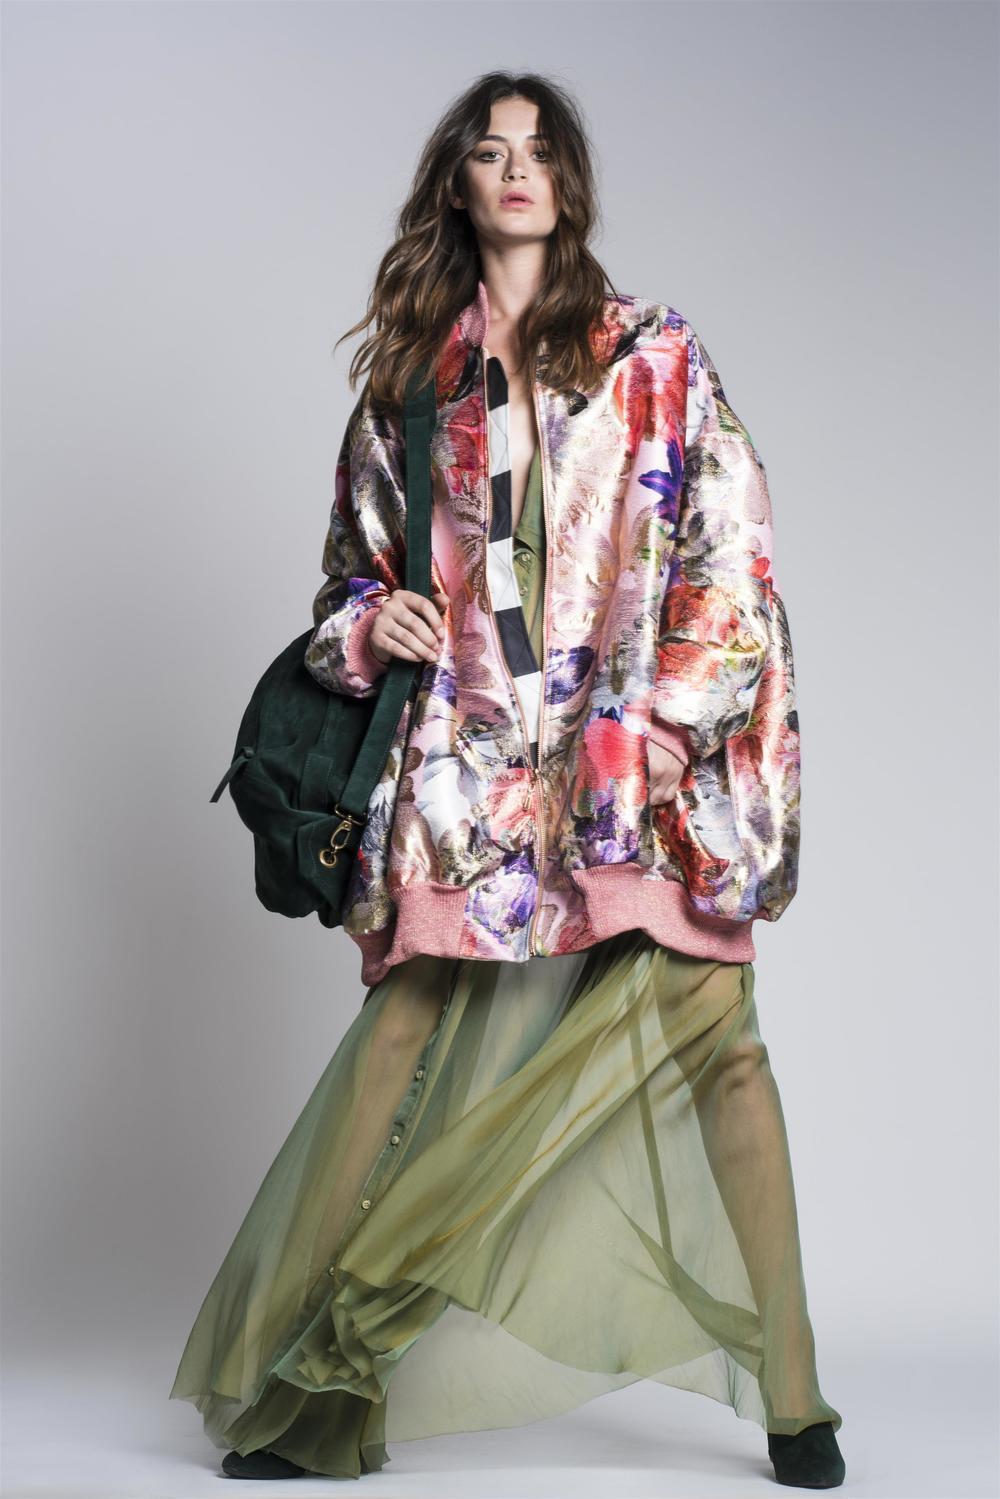 דגם שהציג בוגר המחלקה לעיצוב אופנה בשנקרניל ברוש (צילום: רון קדמי)